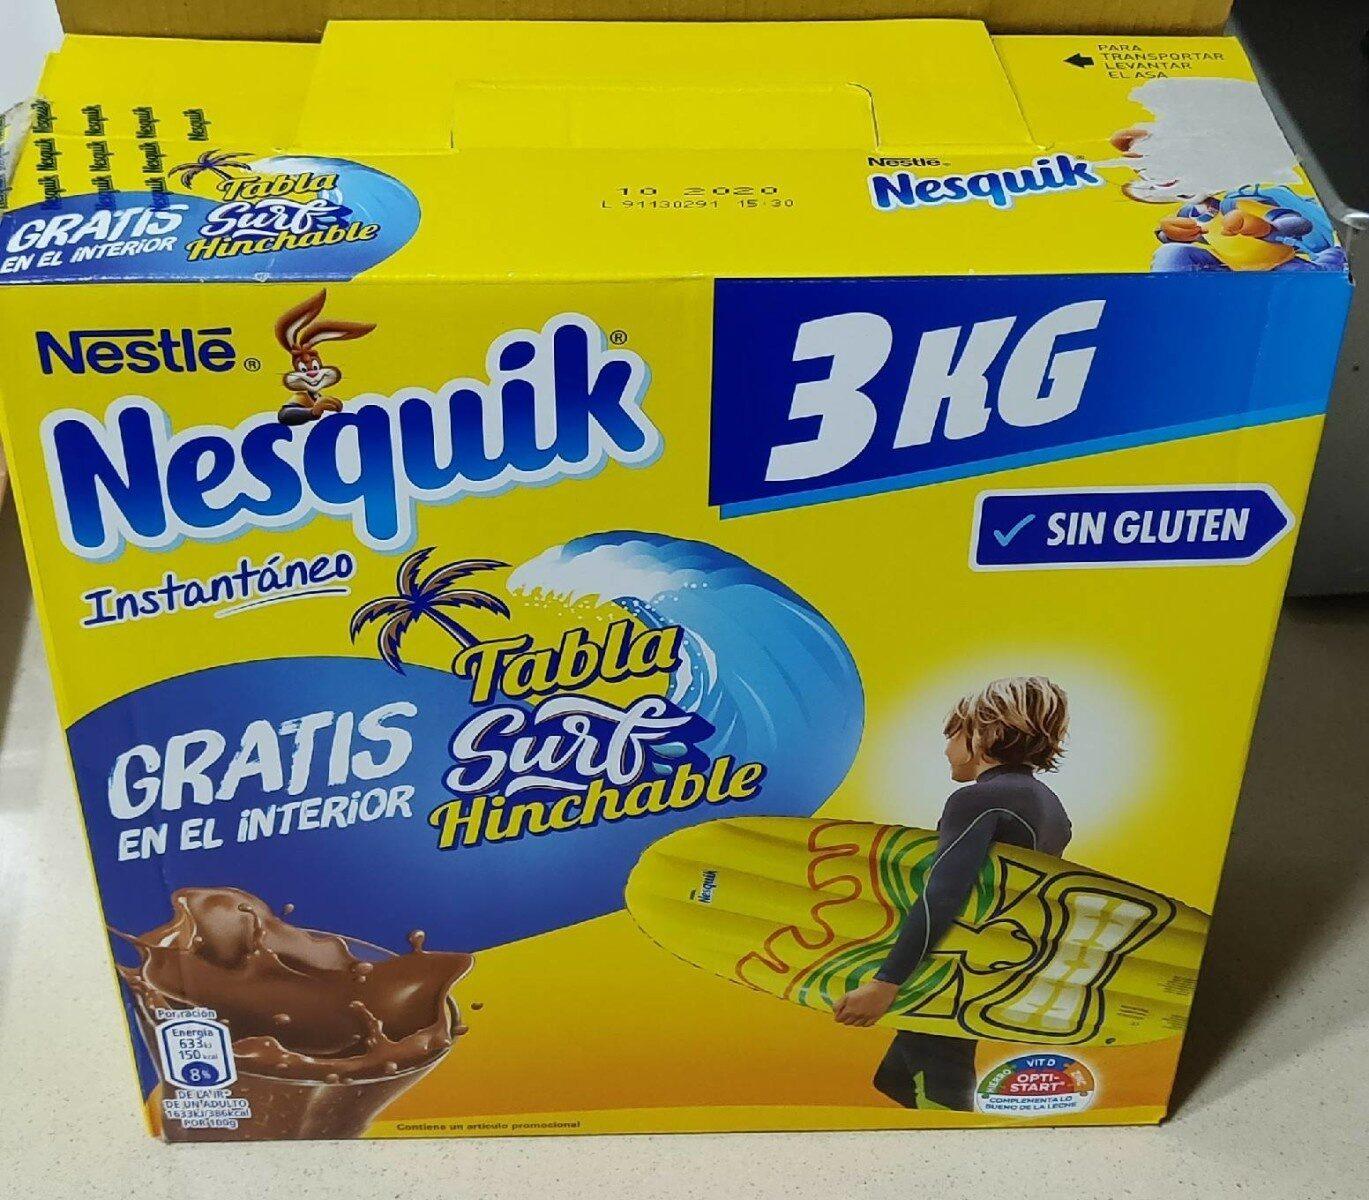 Cacao instantáneo sin gluten siempre con mega regalo - Product